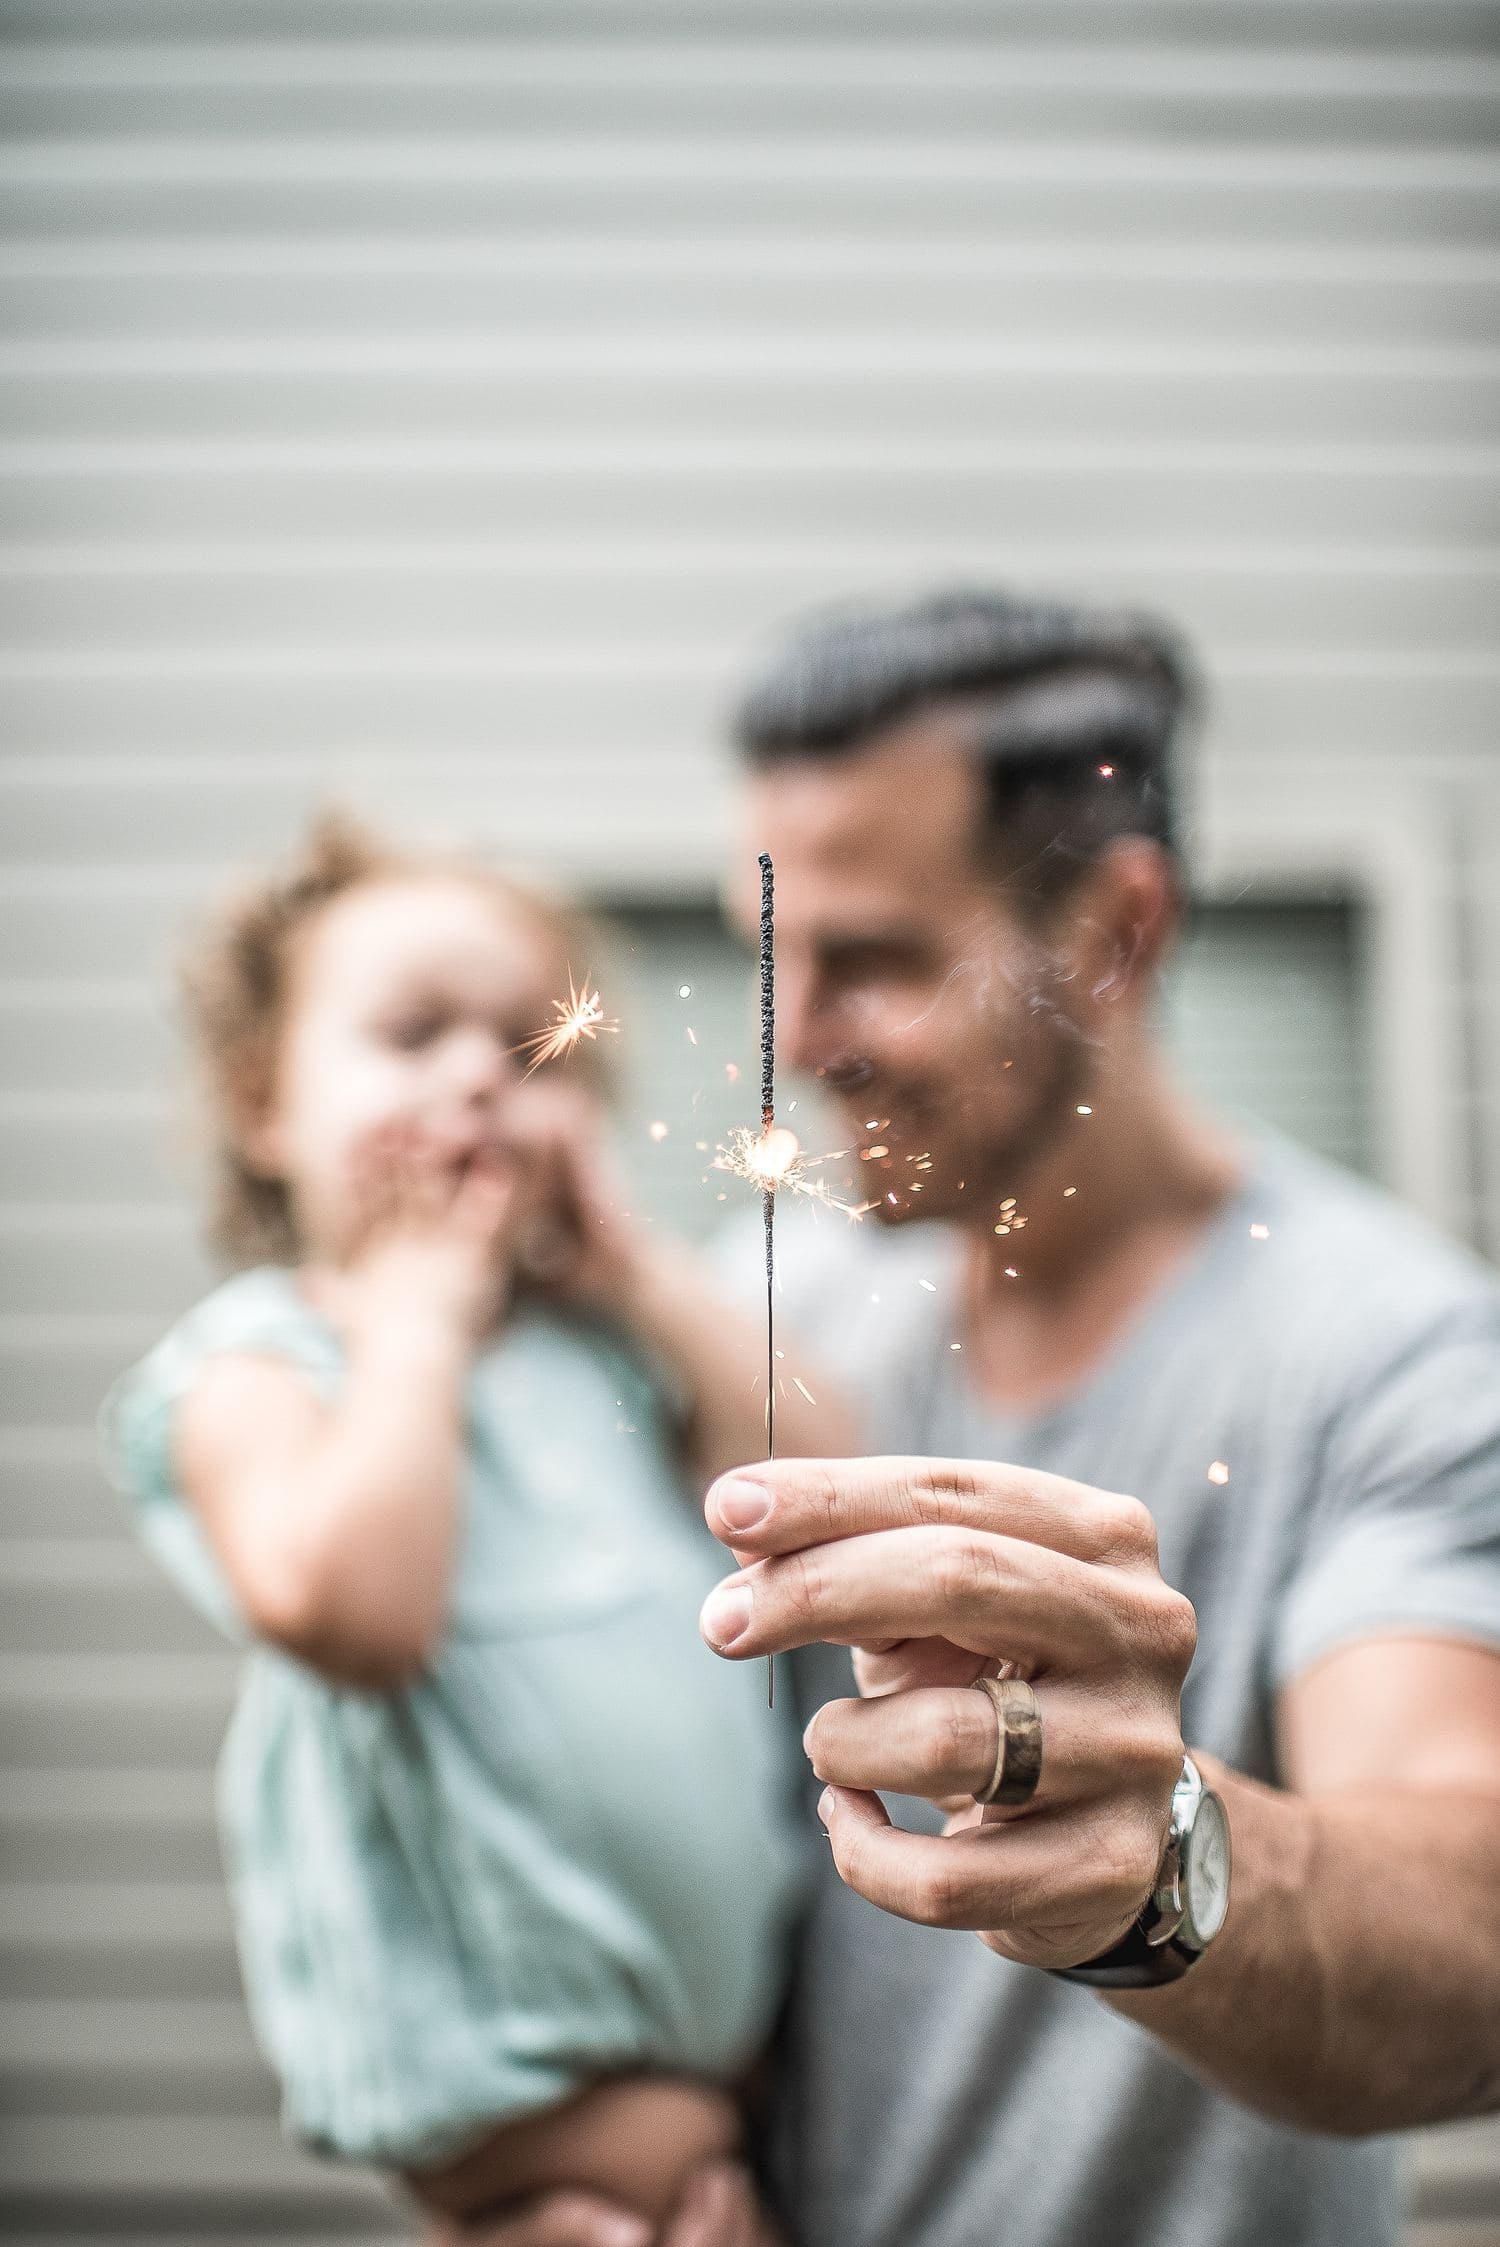 fotografía un padre con su hija y bengala